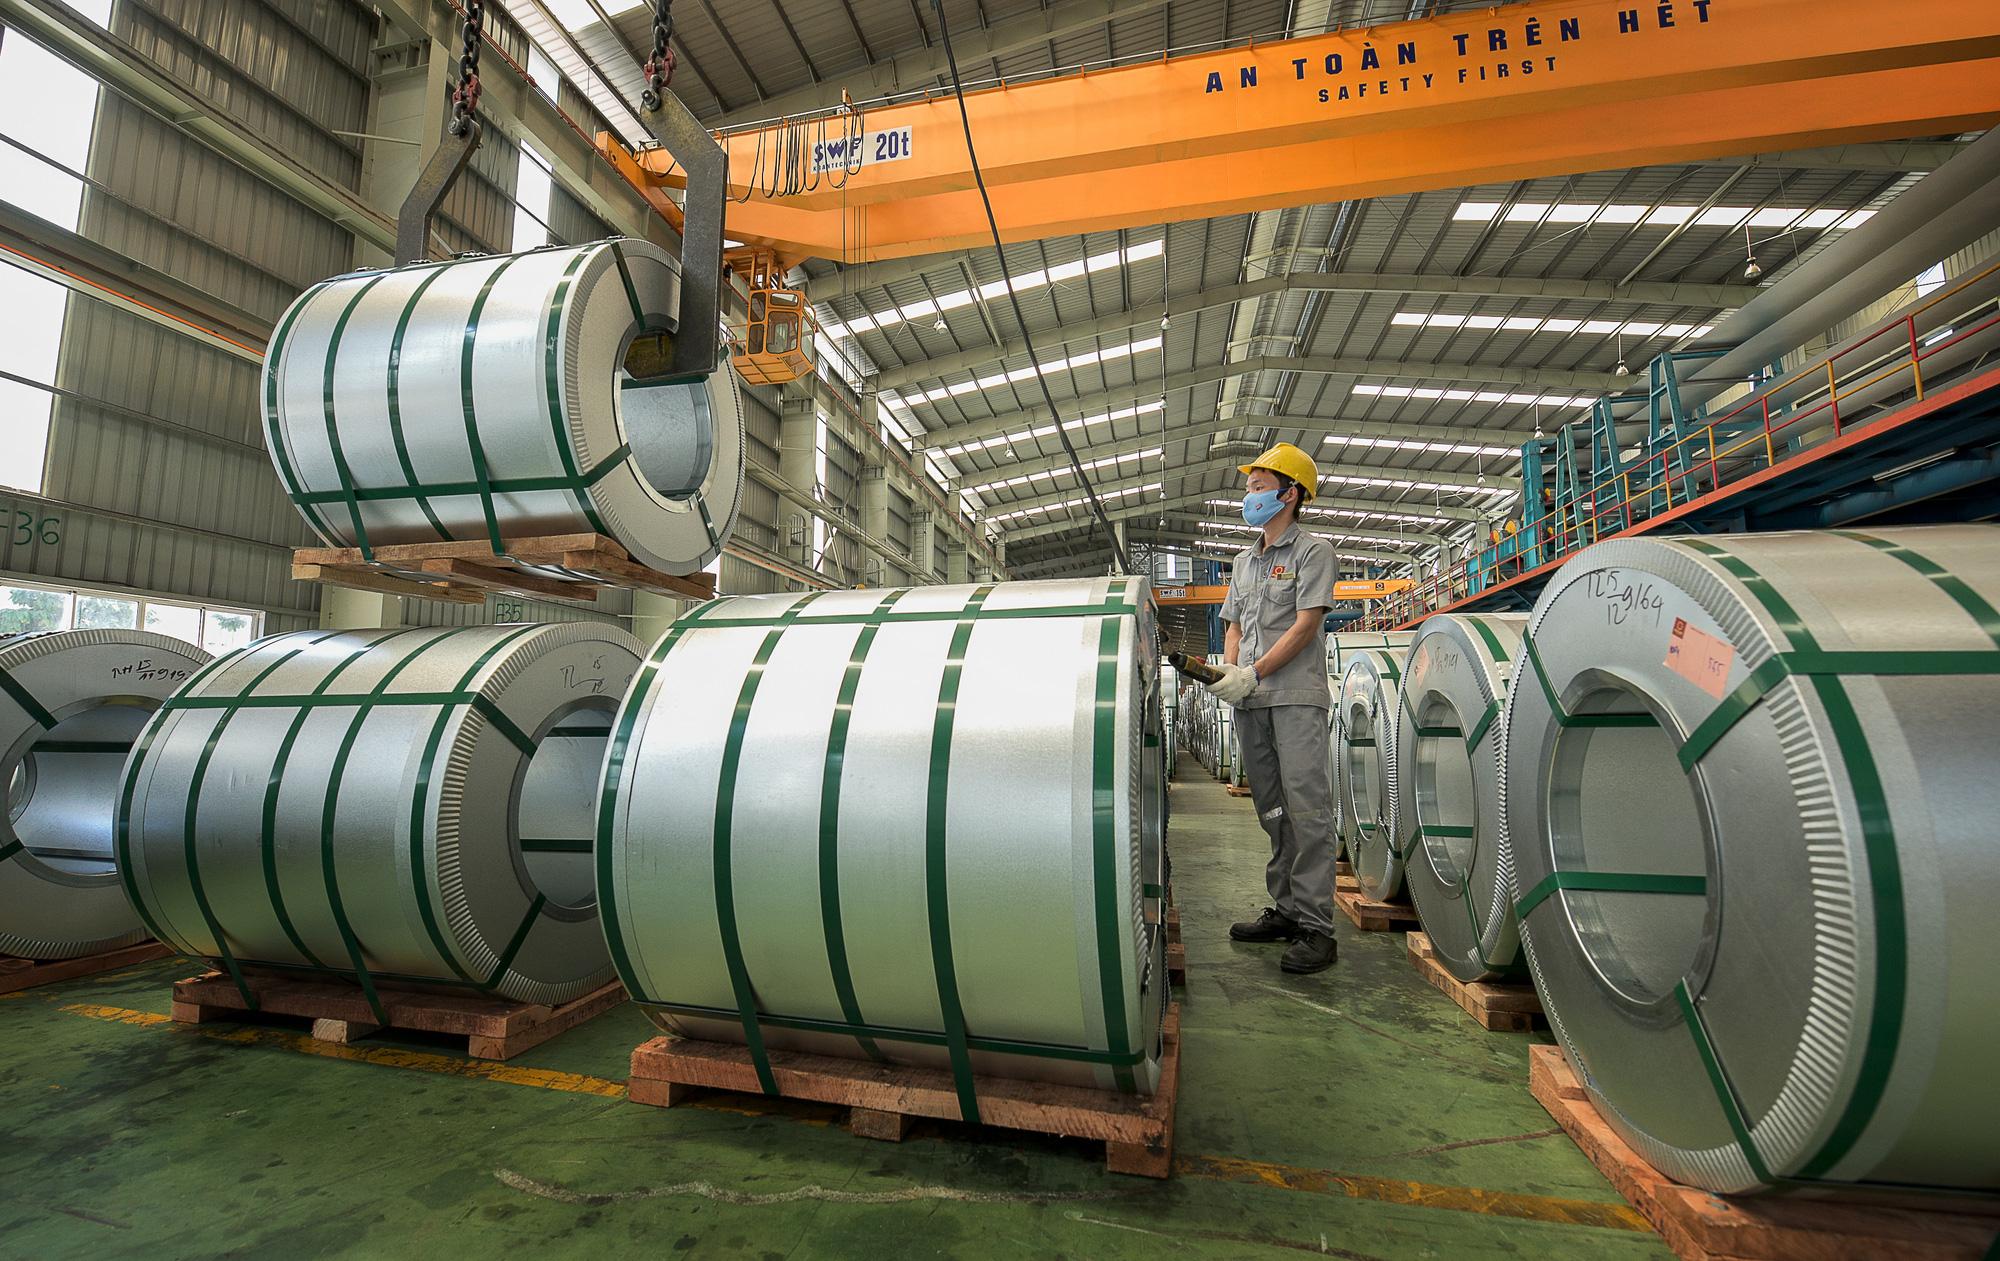 Hoa Sen bán gần 790.000 tấn tôn mạ trong 8 tháng, dẫn đầu thị phần cả nước - Ảnh 1.